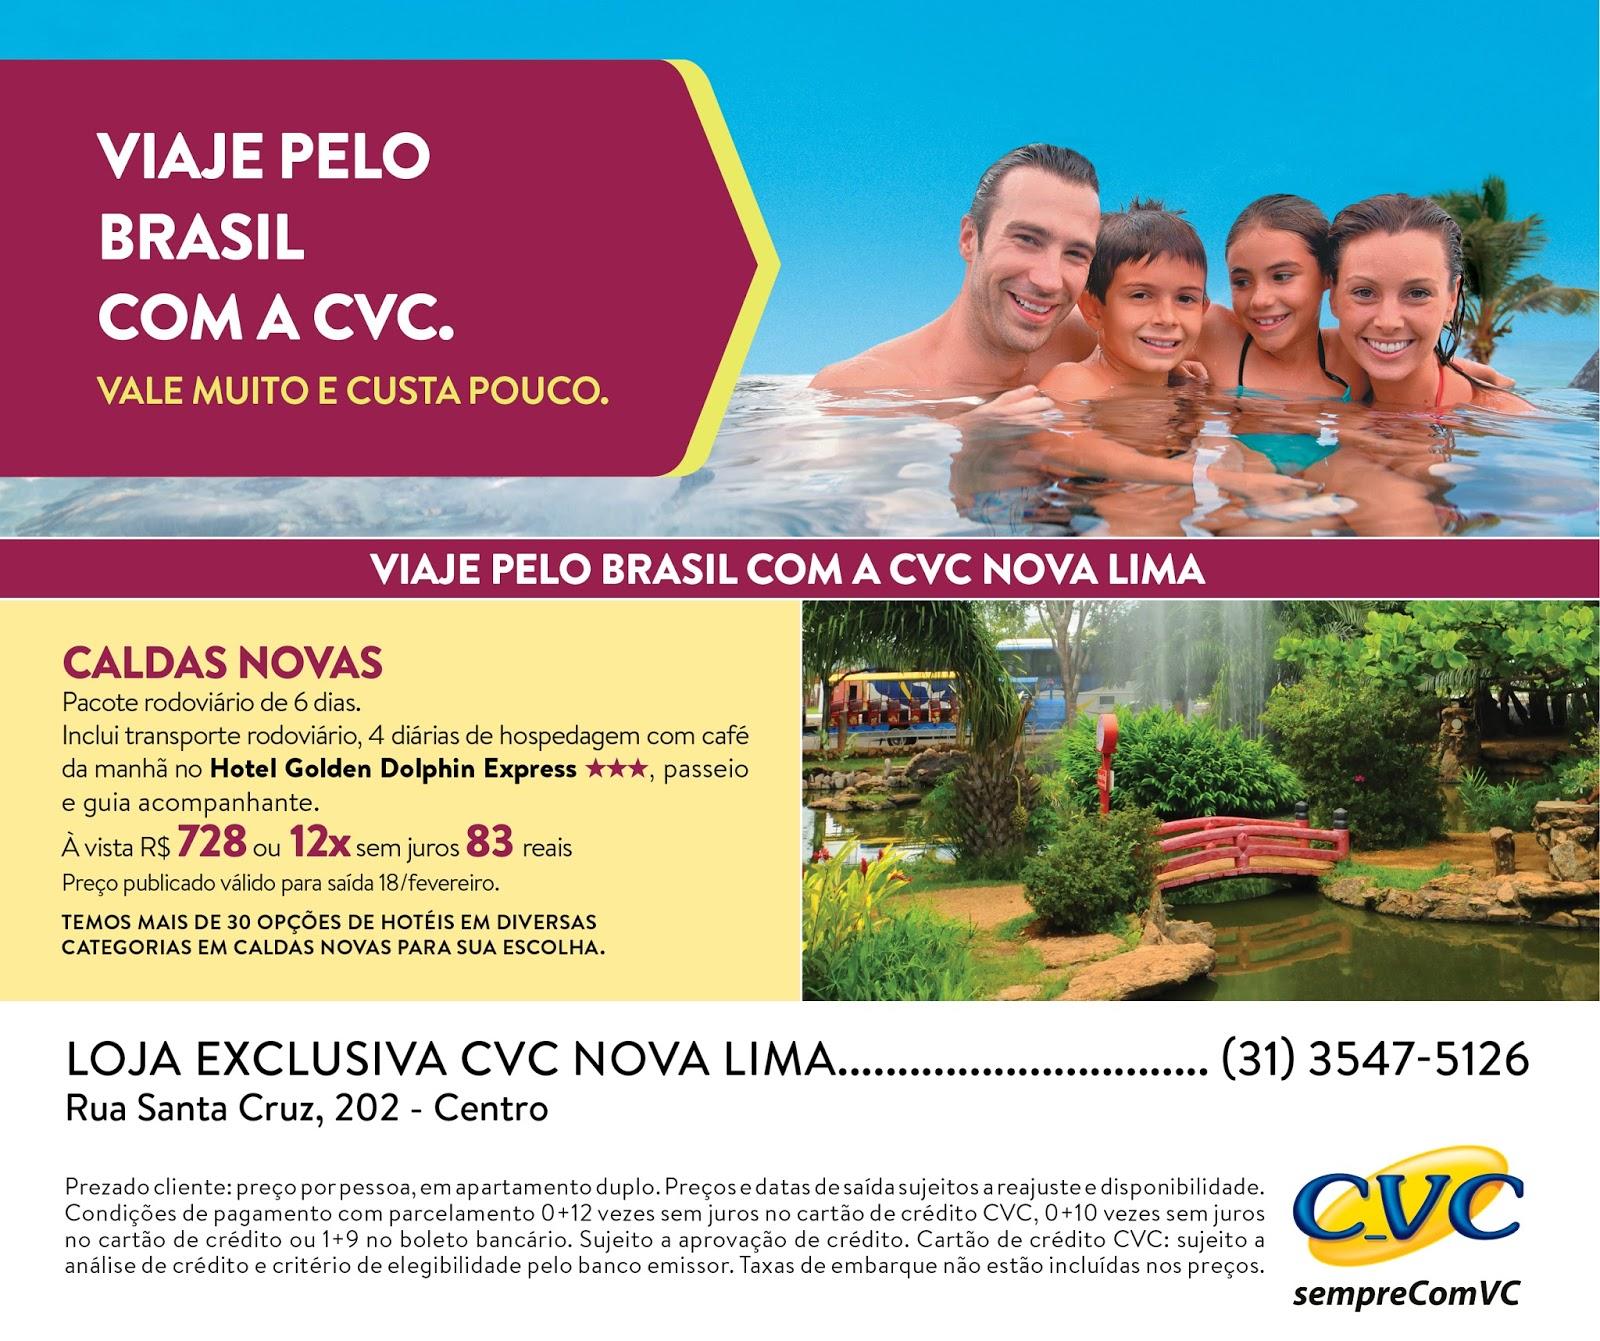 http://www.semprenovalima.com/2017/02/viagens-com-otimos-precos-so-na-cvc.html